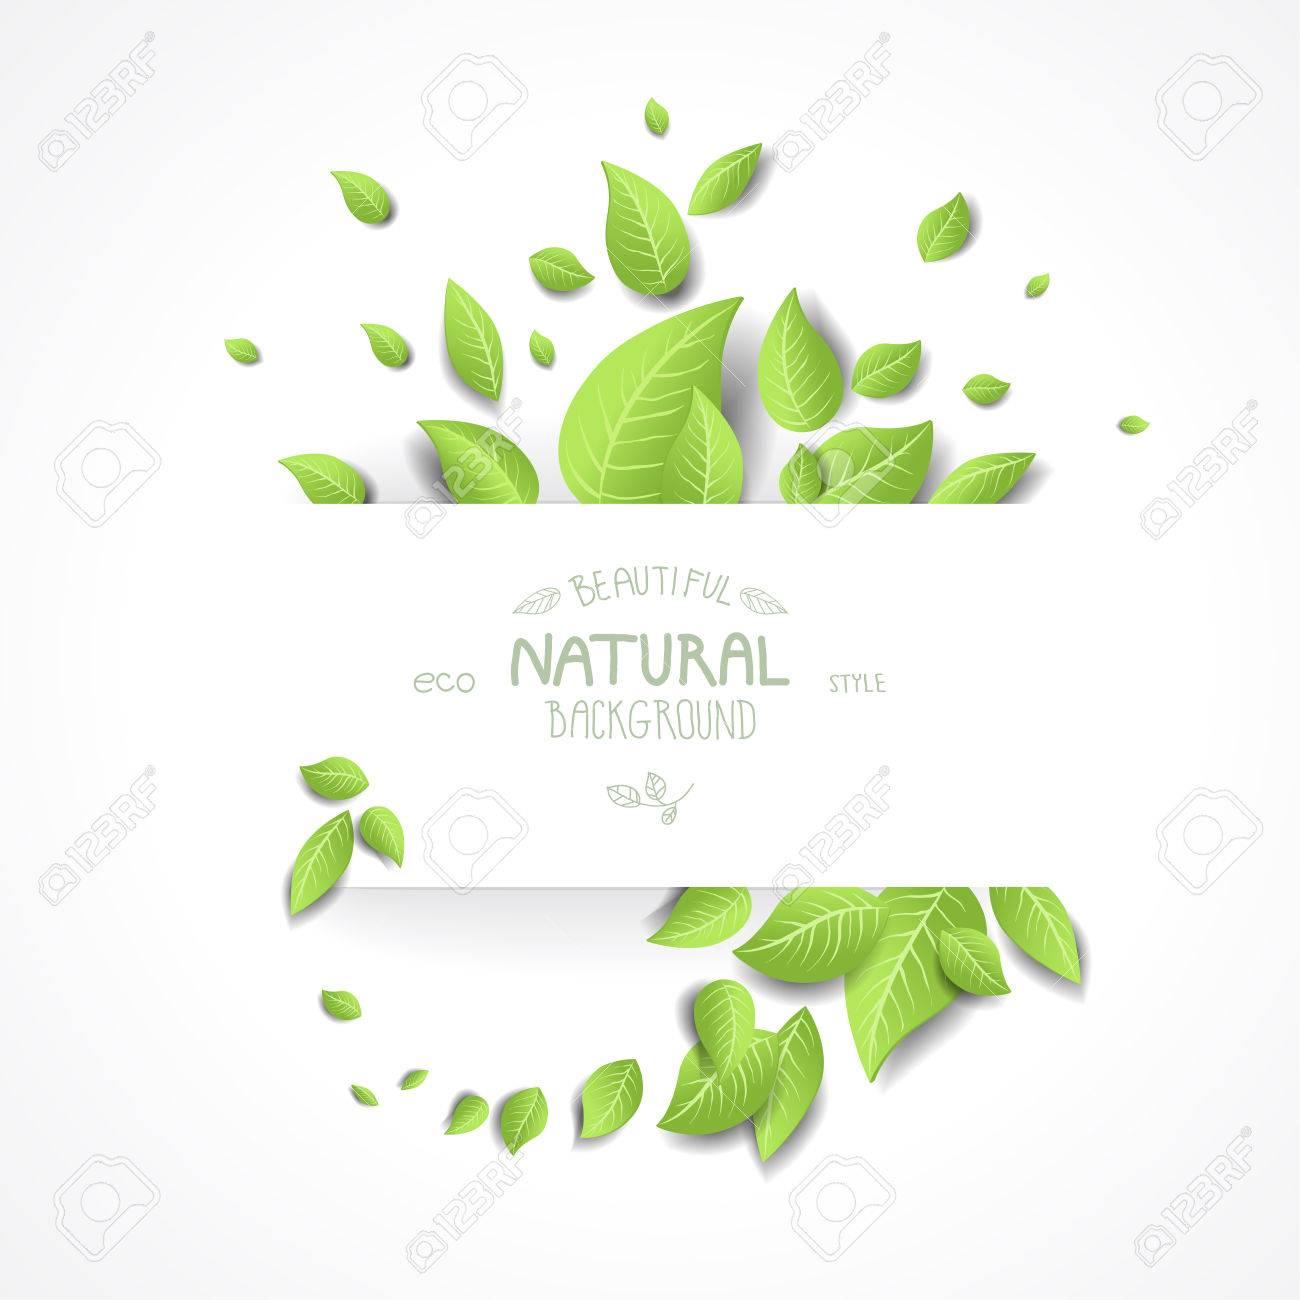 resume de fond de l eco avec des feuilles vertes fraiches place - Resume De Science 3as Algerie